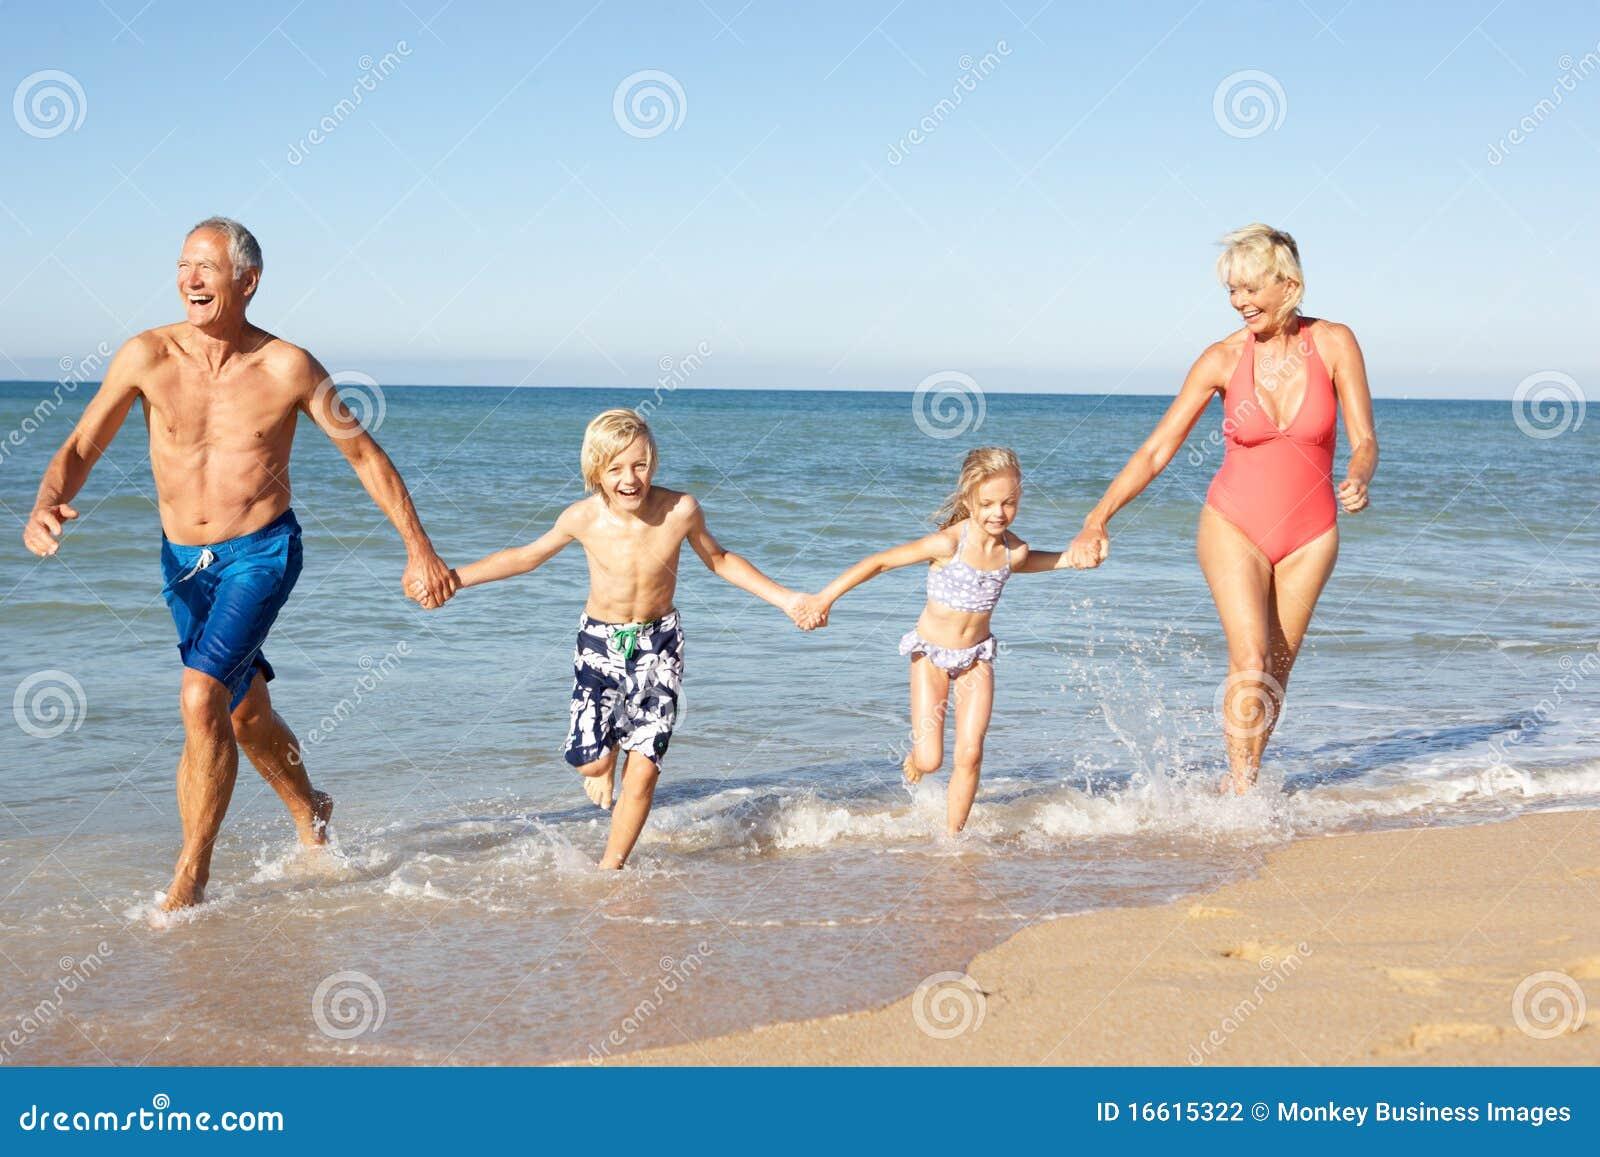 Фото бабушки на пляже 17 фотография